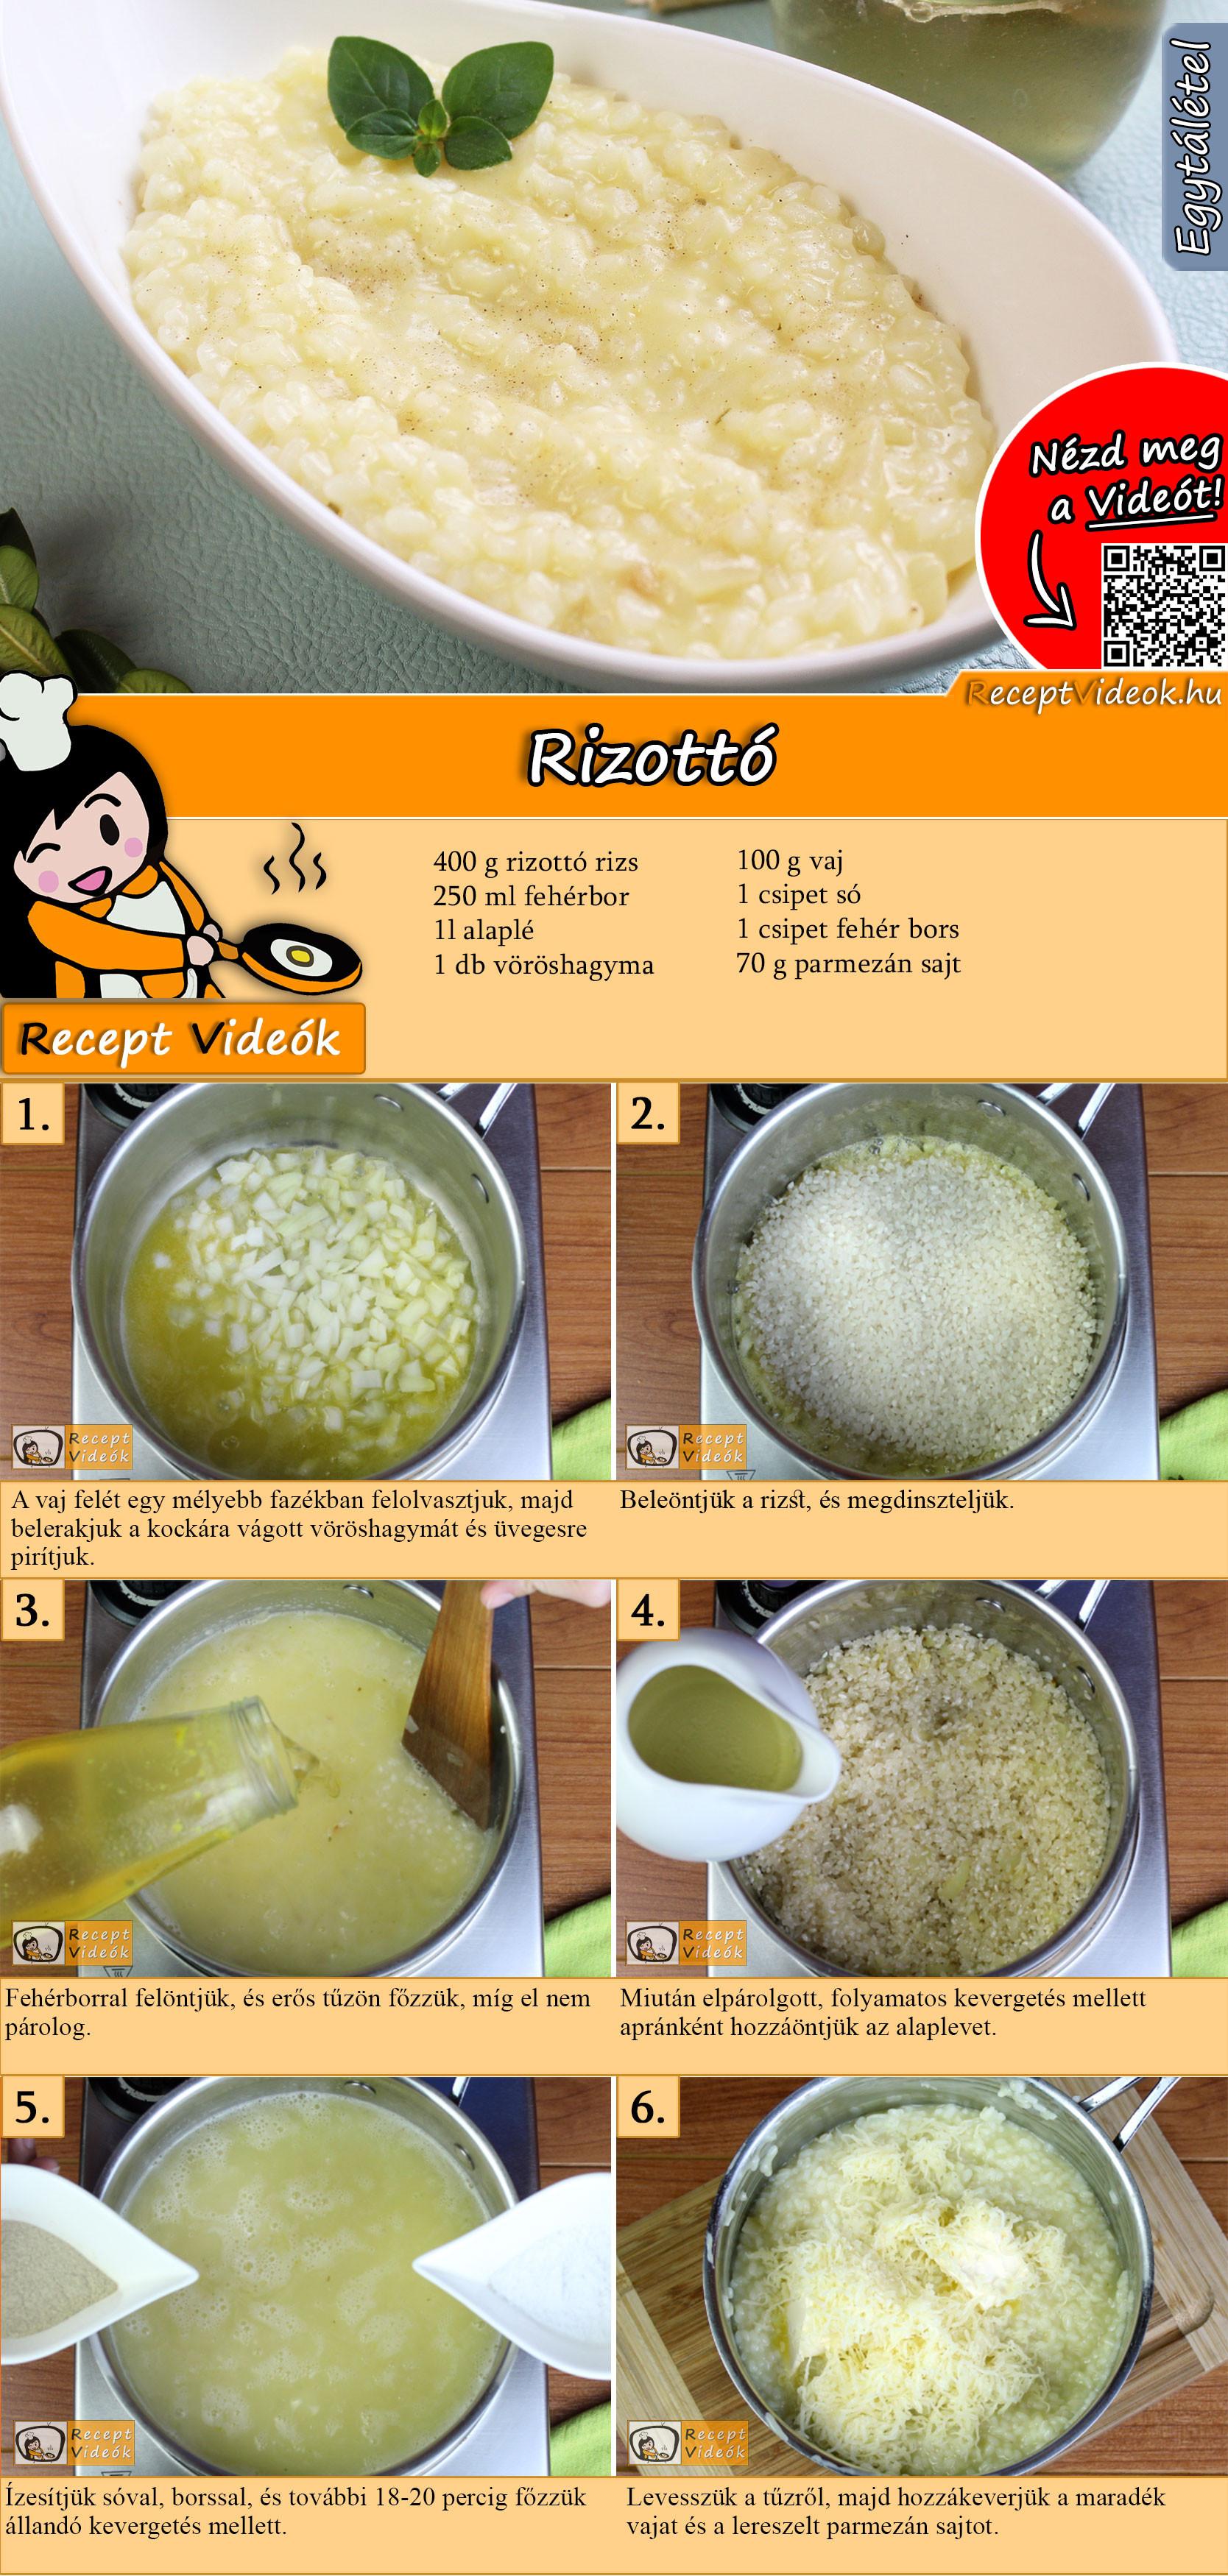 Rizottó recept elkészítése videóval